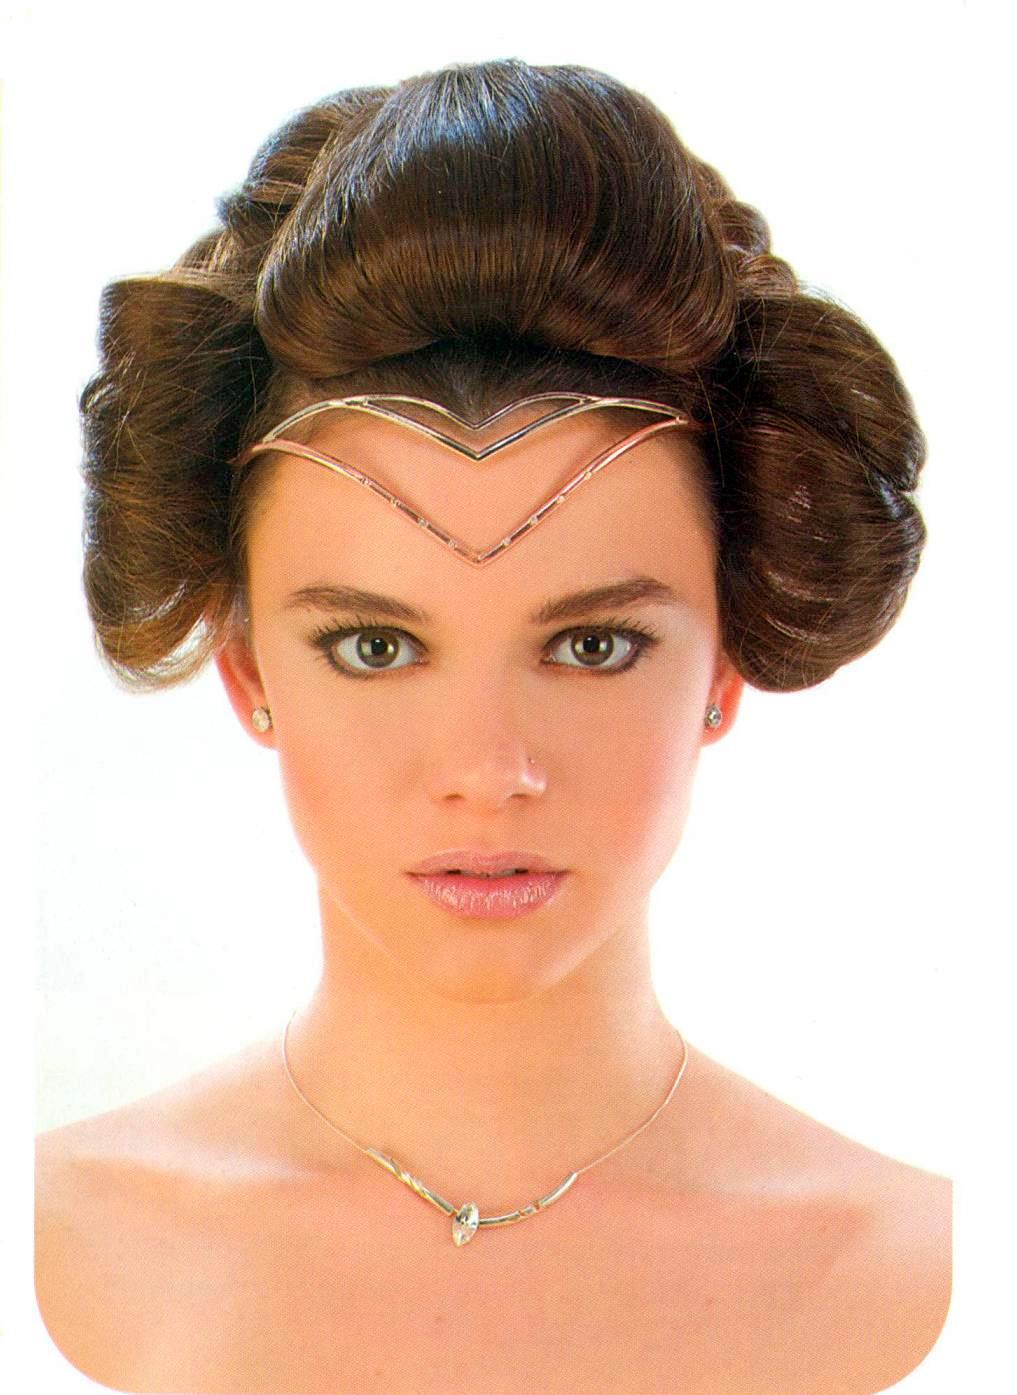 Rápido y fácil peinados para fiesta ibicenca Fotos de cortes de pelo Consejos - Peinados a la Moda: Sencillos Peinados para fiestas ...